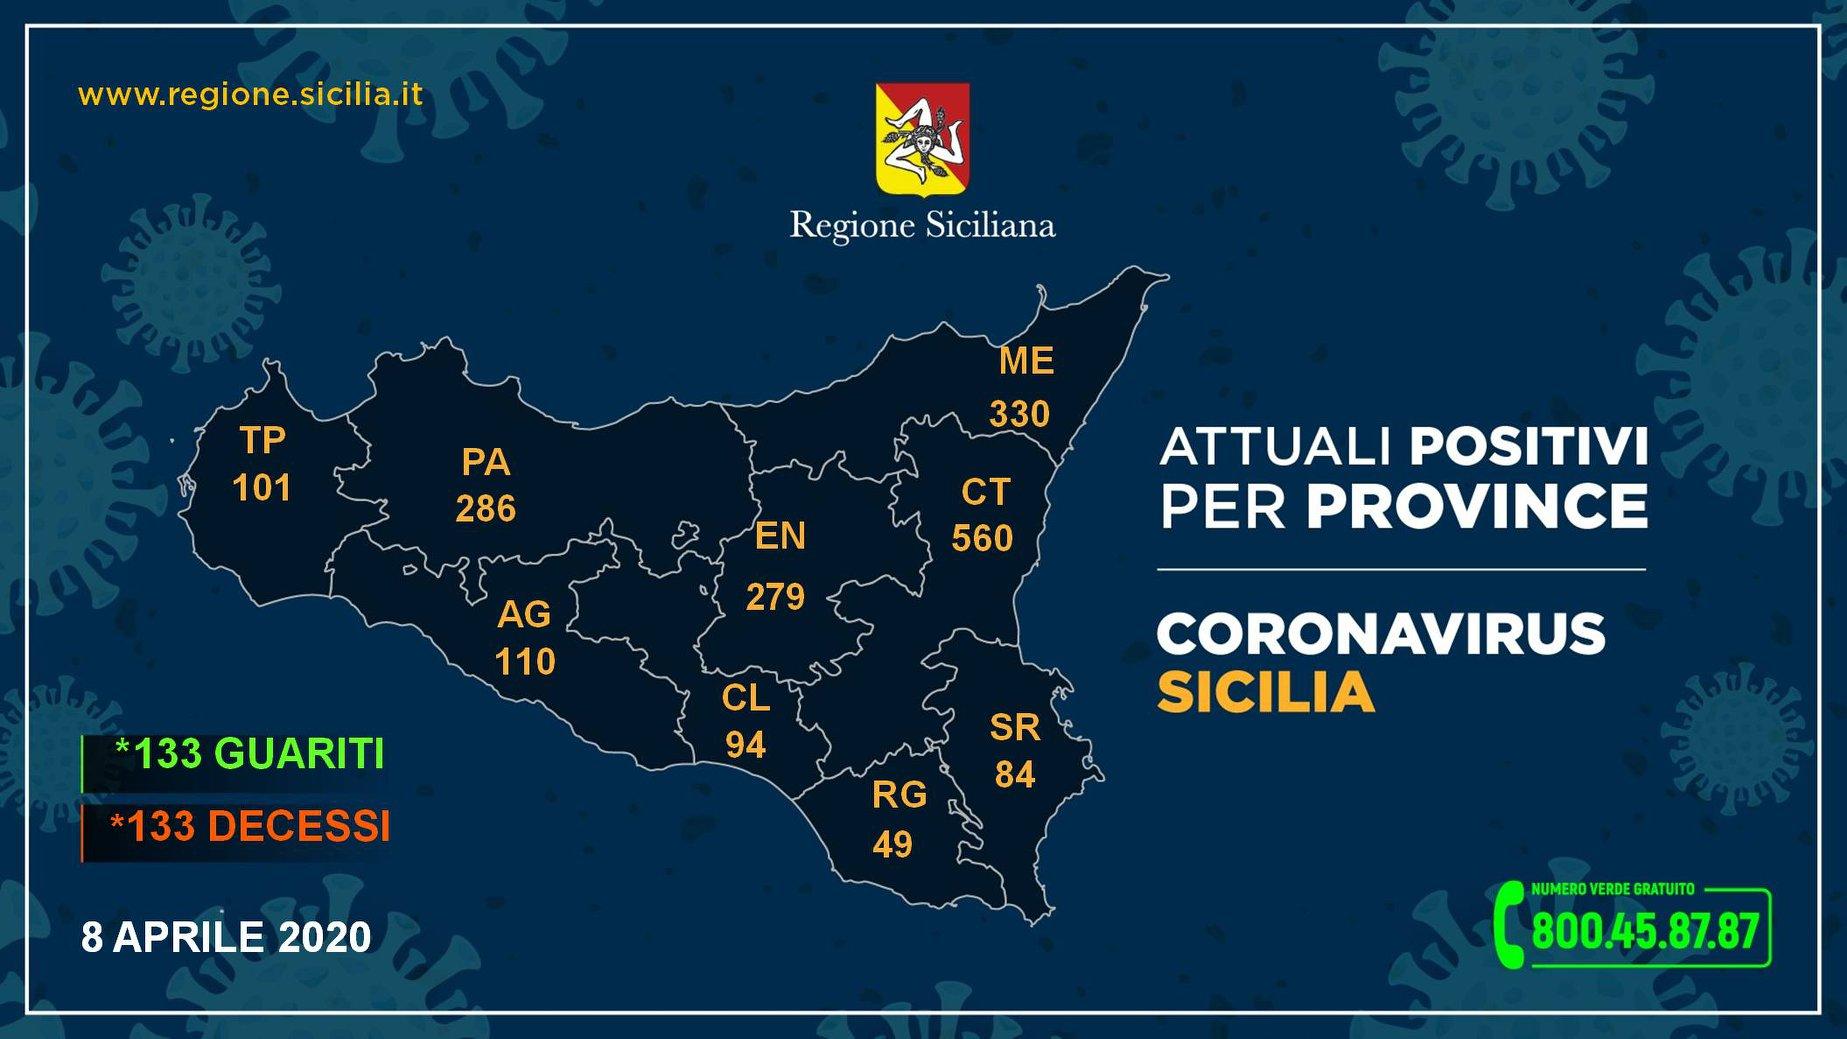 coronavirus sicilia mercoledì 8 aprile 2020 (2)